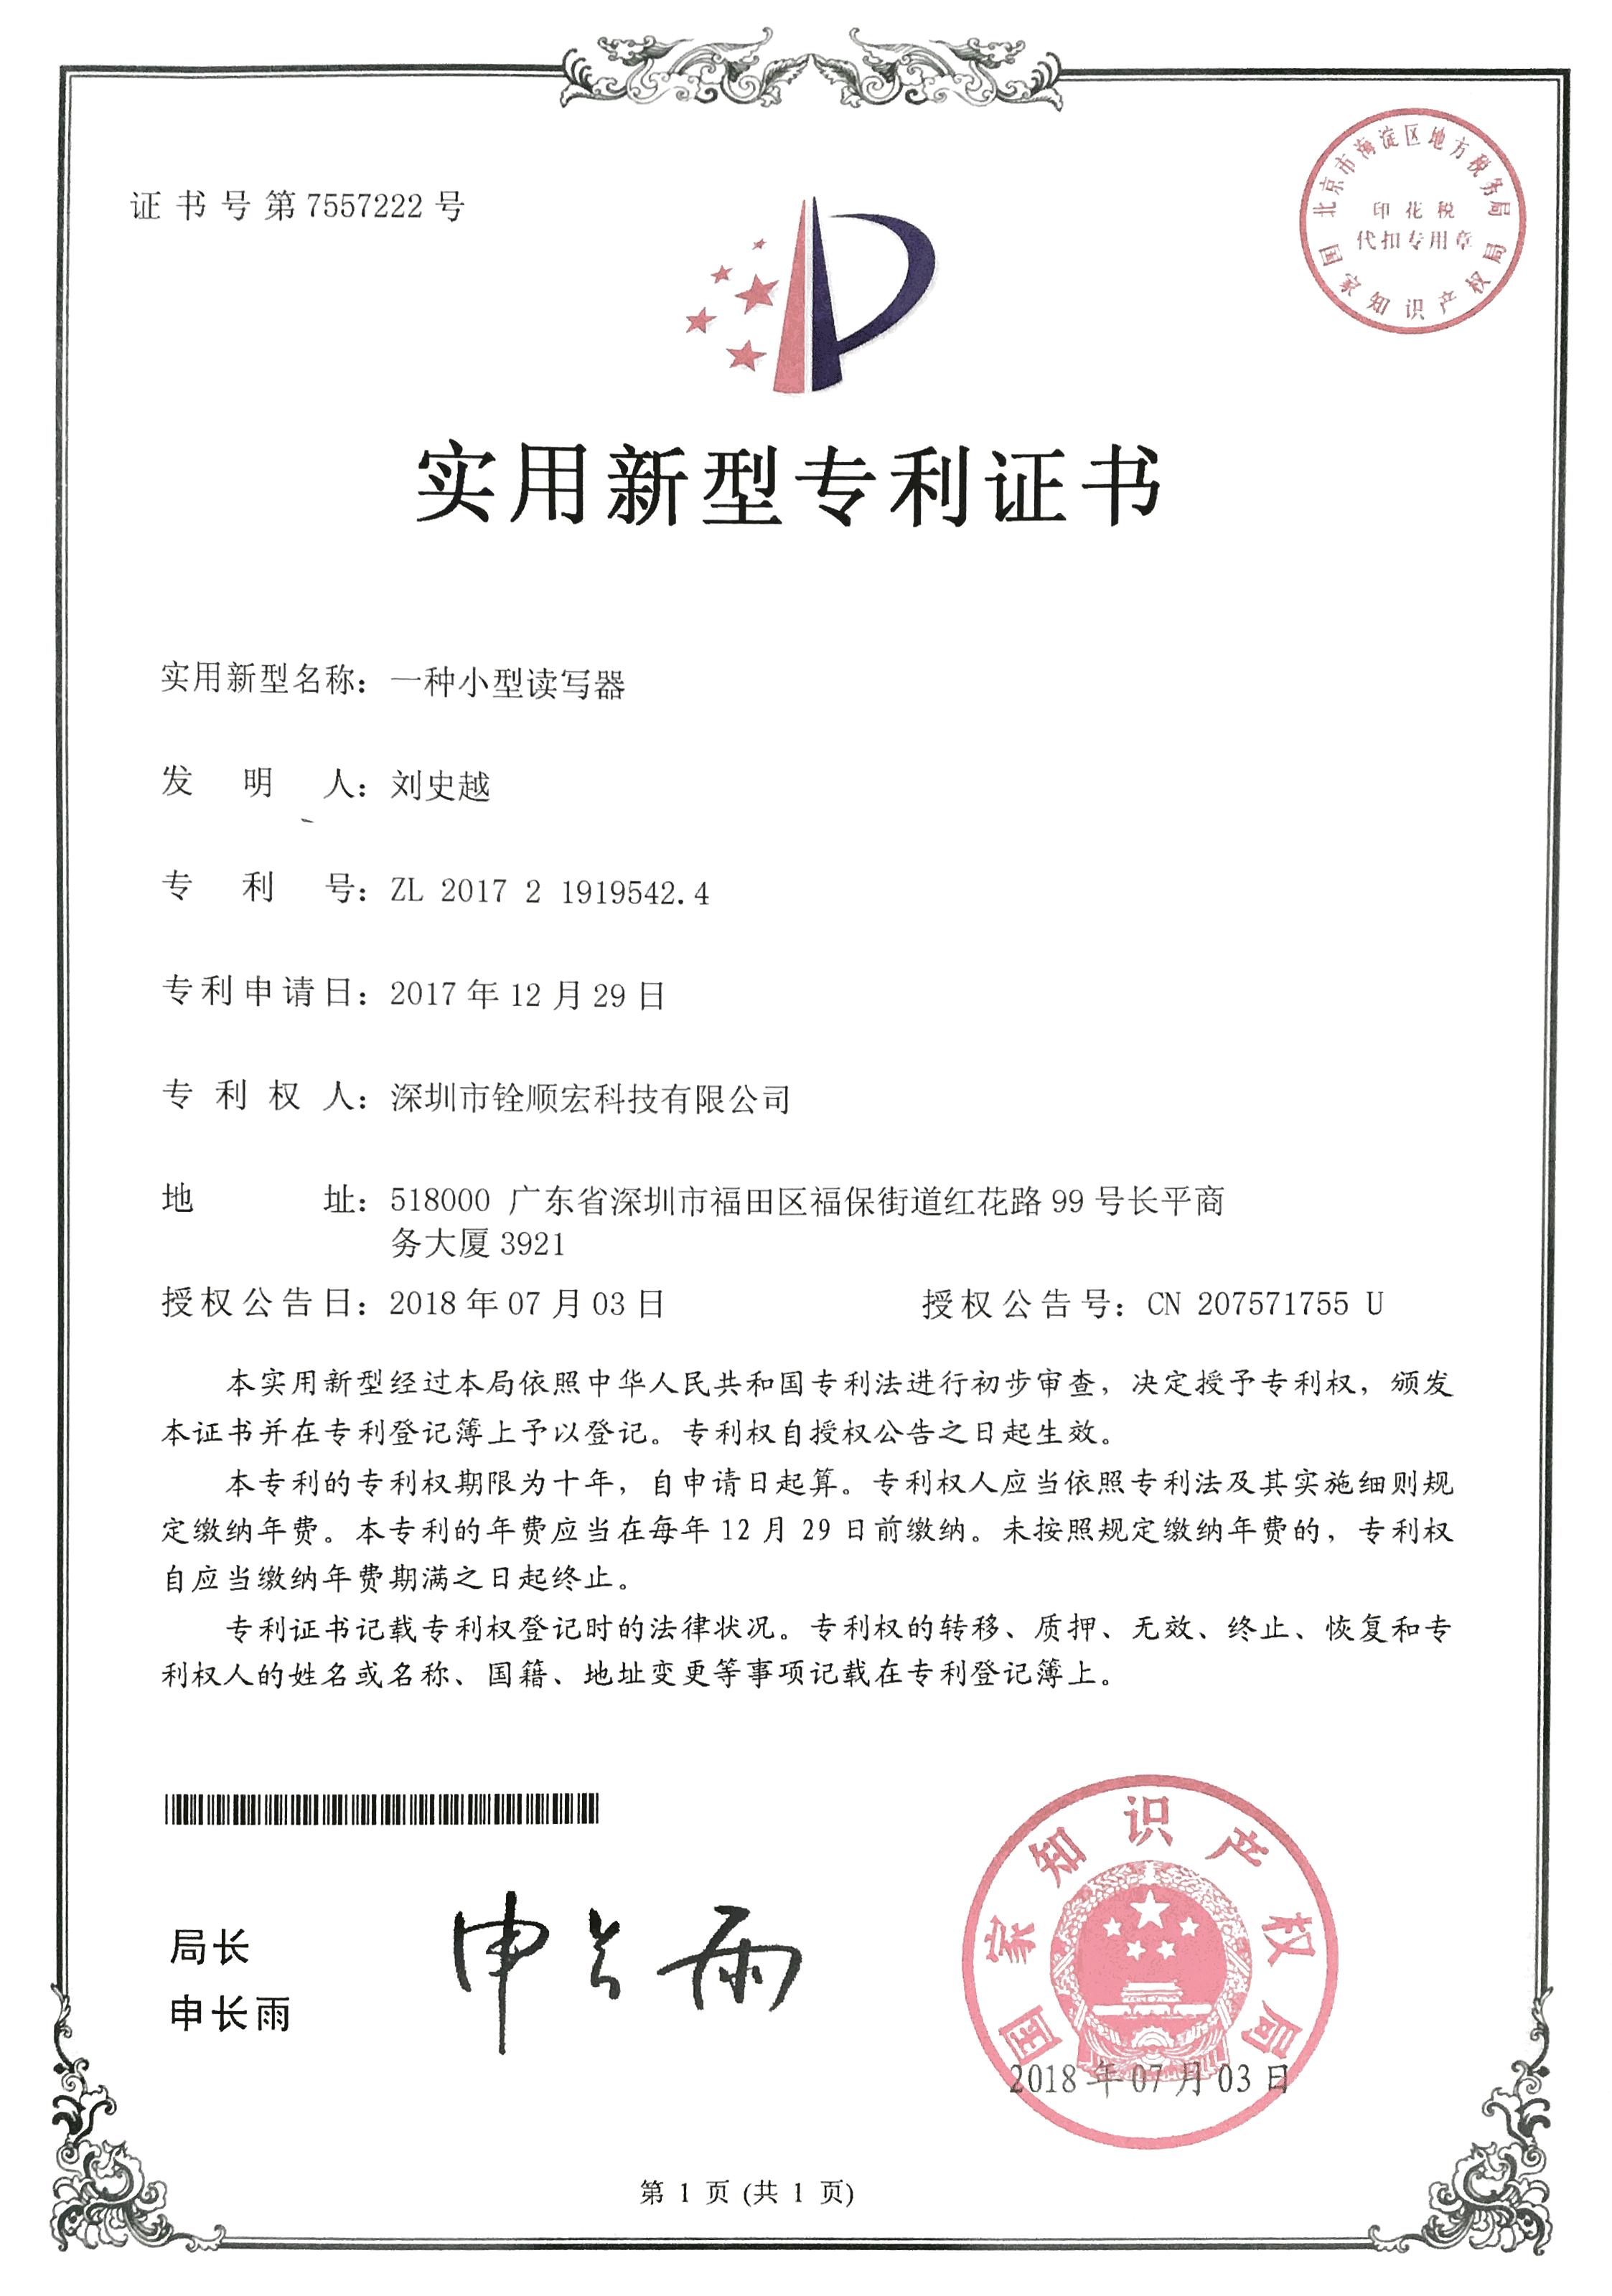 《一种小型读写器》实用新型专利证书